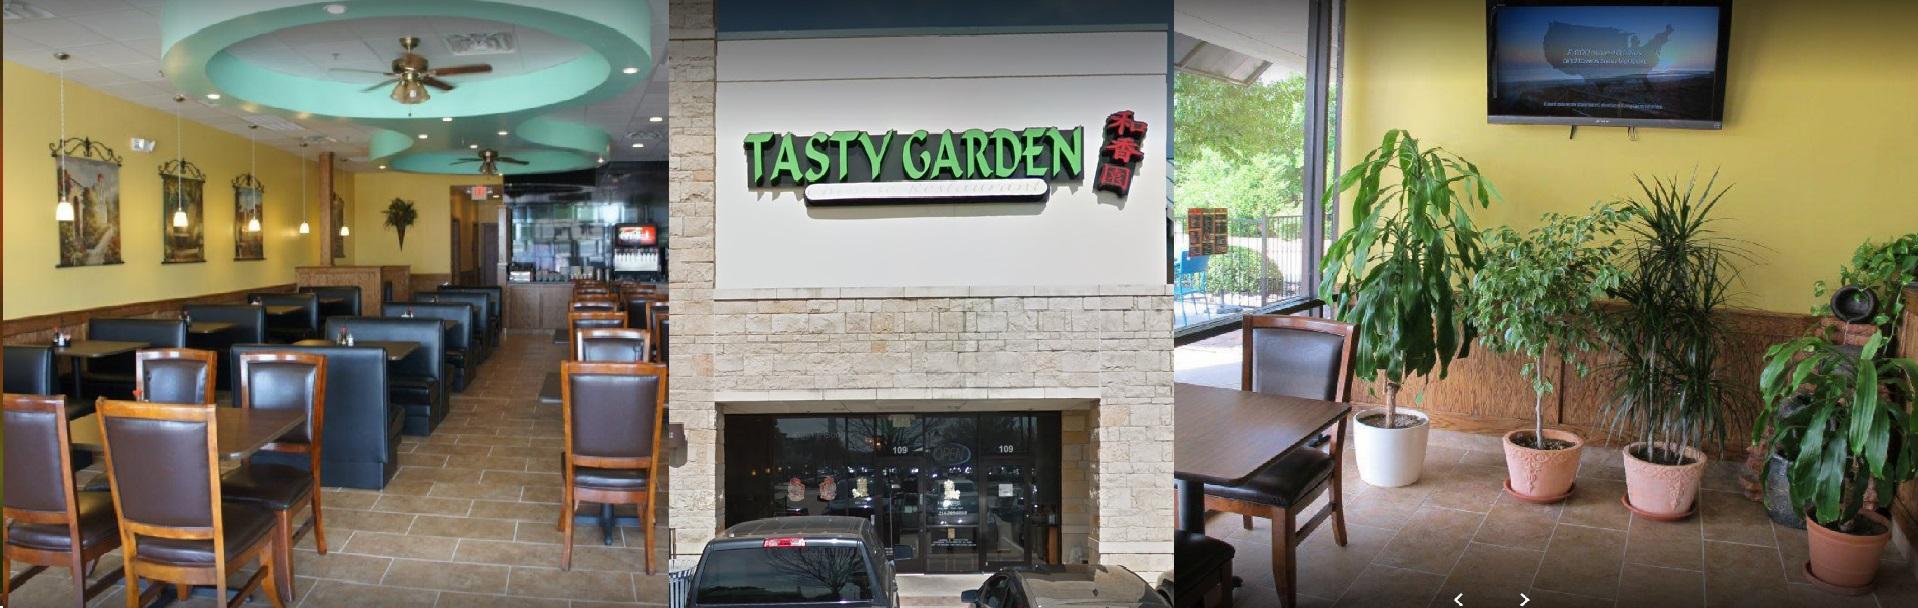 Tasty Garden Chinese Restaurant Order Online In Frisco Tx